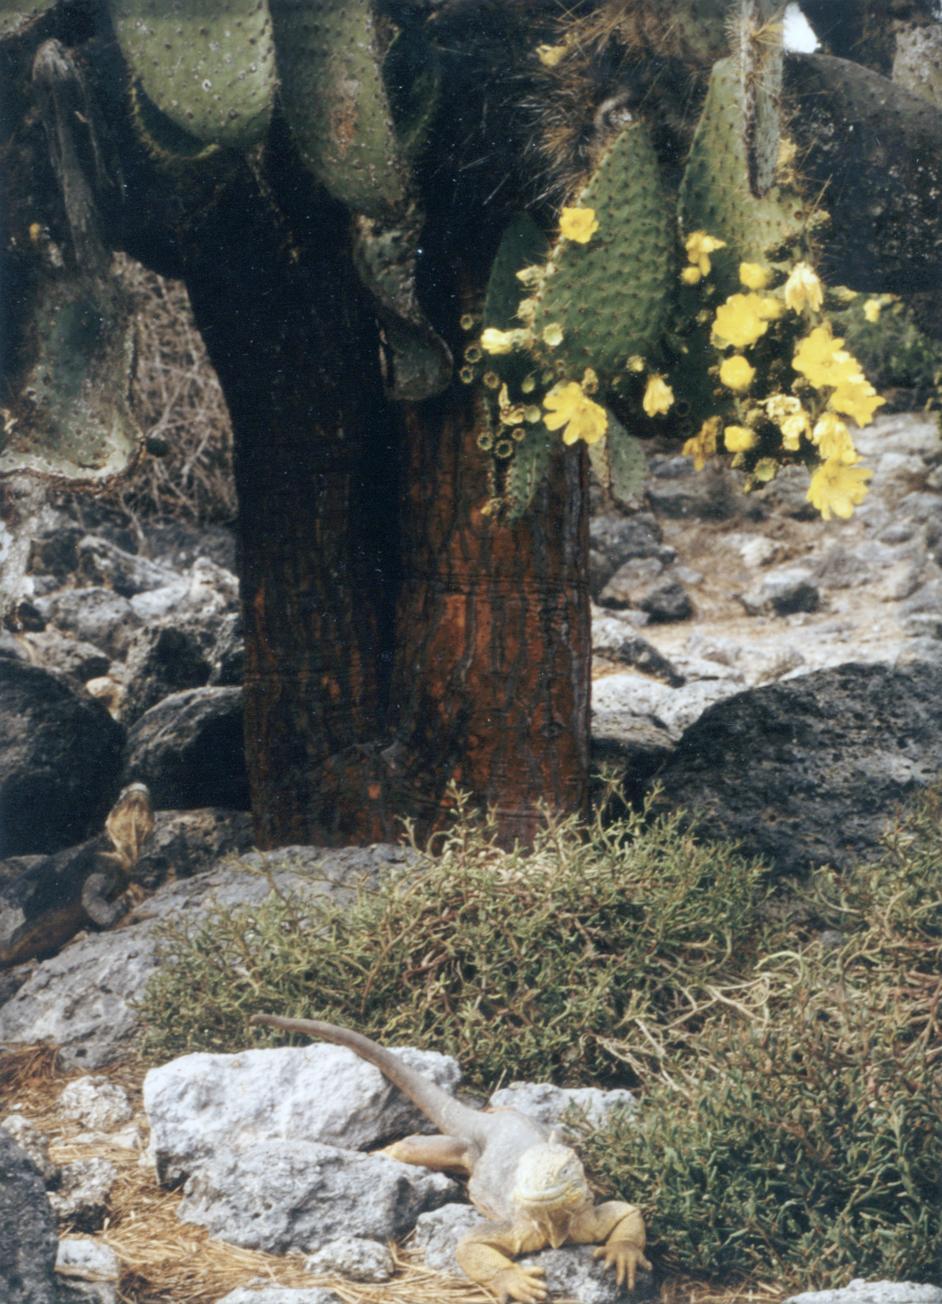 Prickly Pear Cactus (Opuntia echios) and Land Iguanas ( Conolophus subcrisatus)